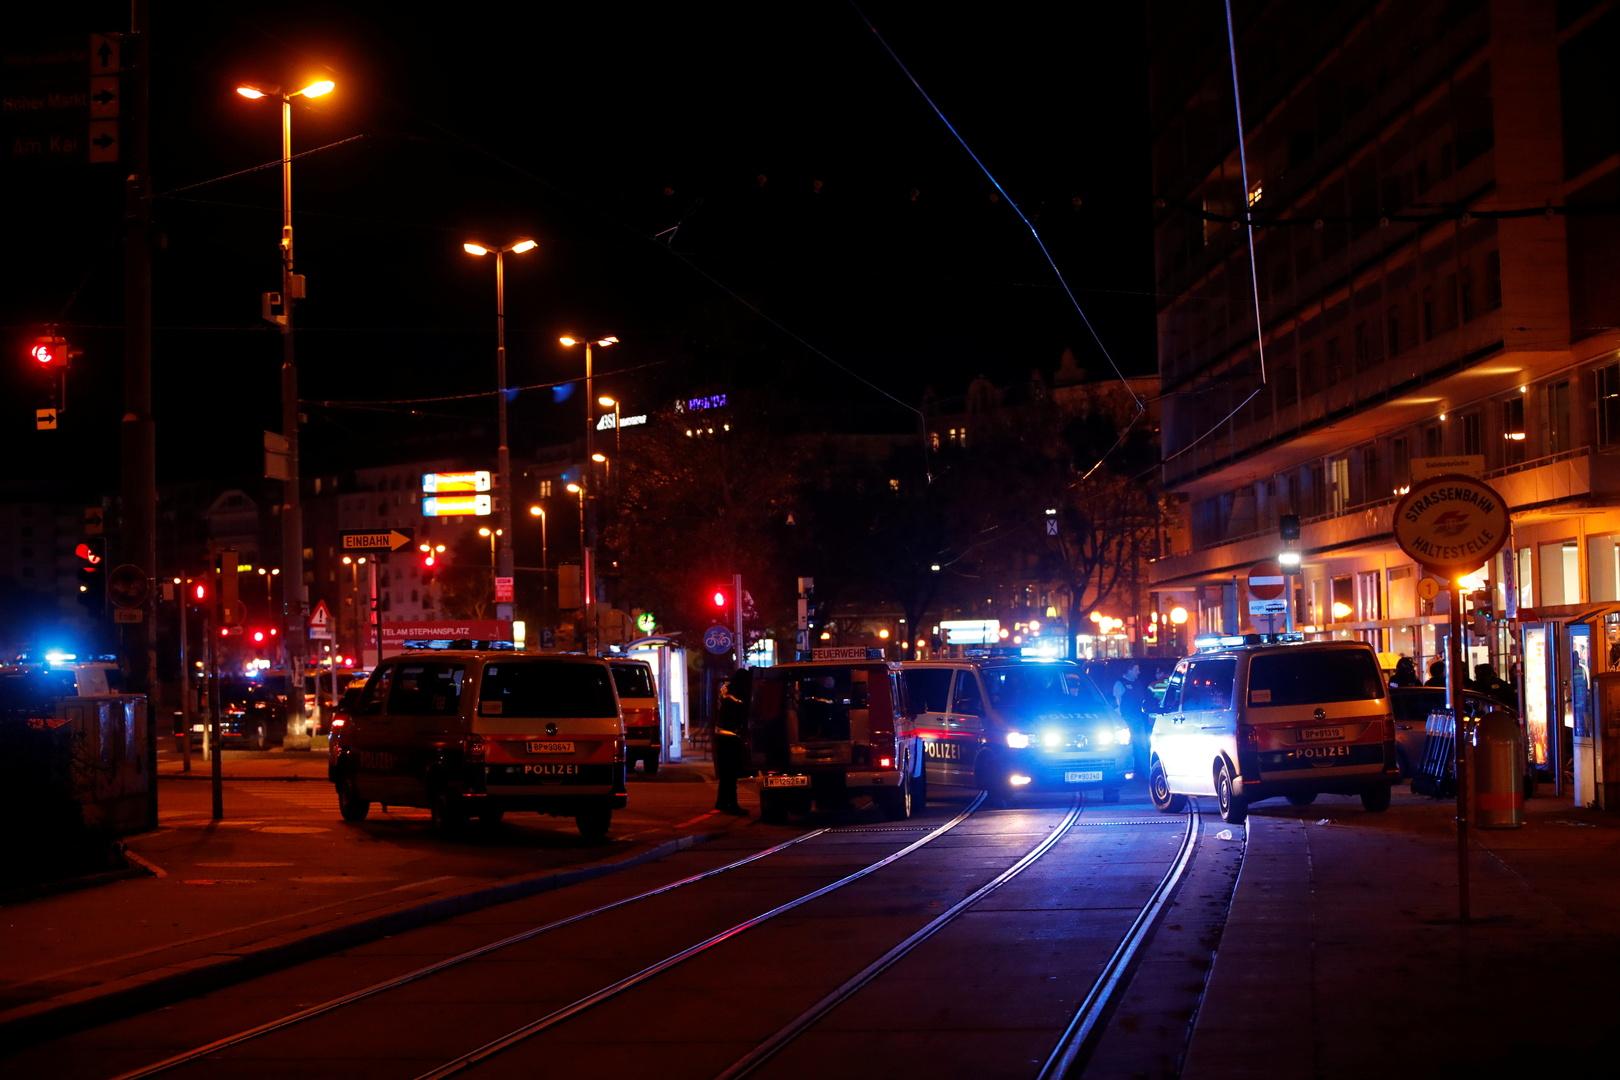 السلطات النمساوية تعلن عن هجوم إرهابي وسط فيينا أسفر عن سقوط قتلى وجرحى